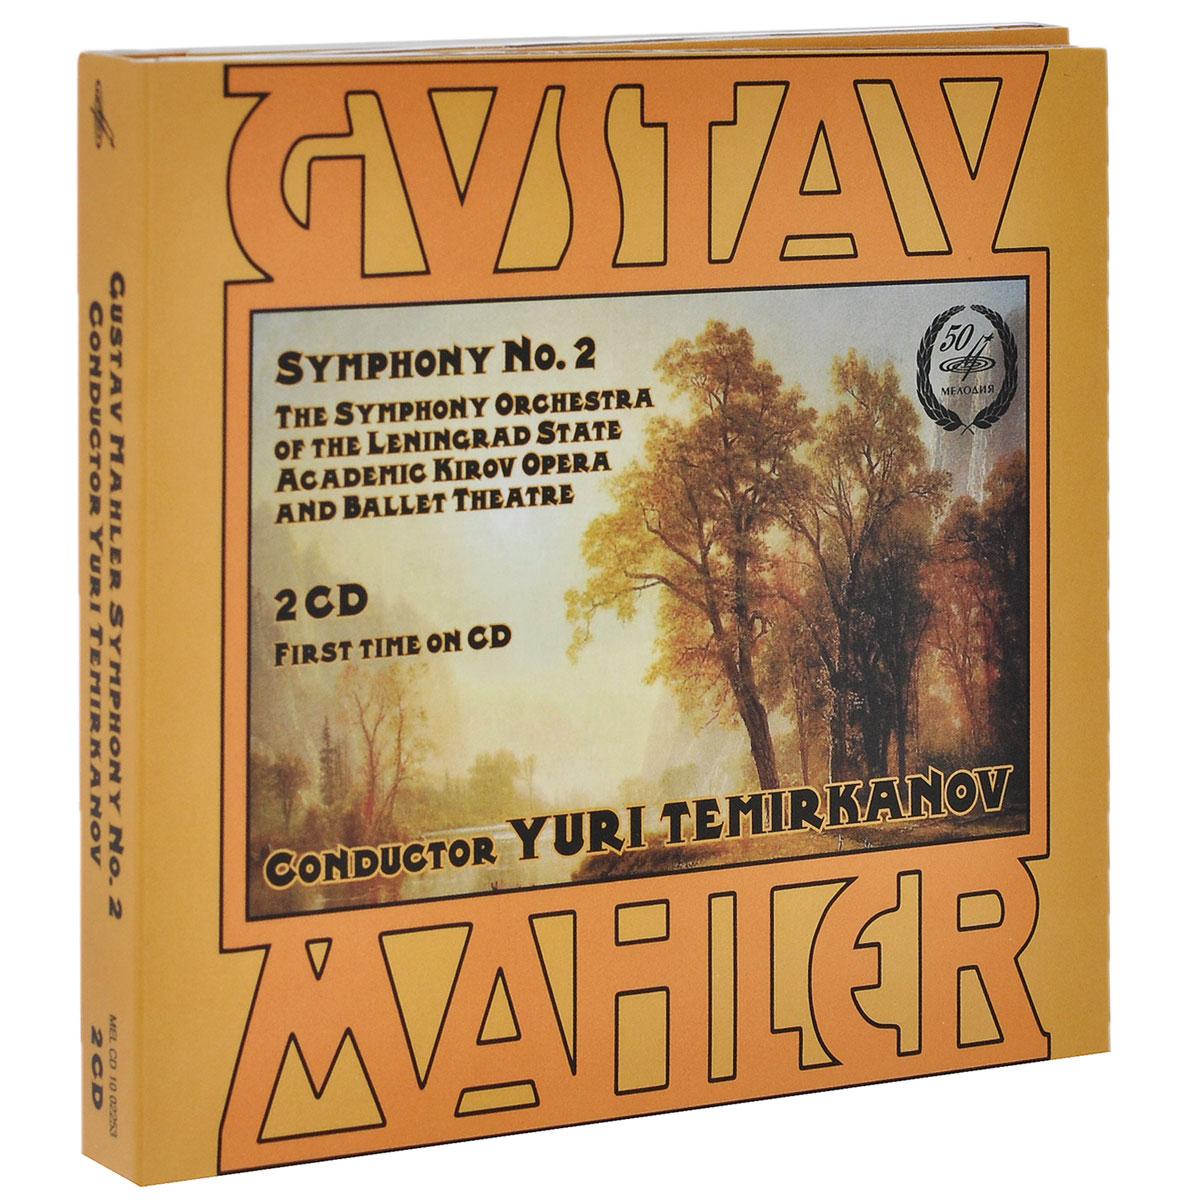 Издание содержит 20-страничный буклет с дополнительной информацией на английском, русском и французском языках.